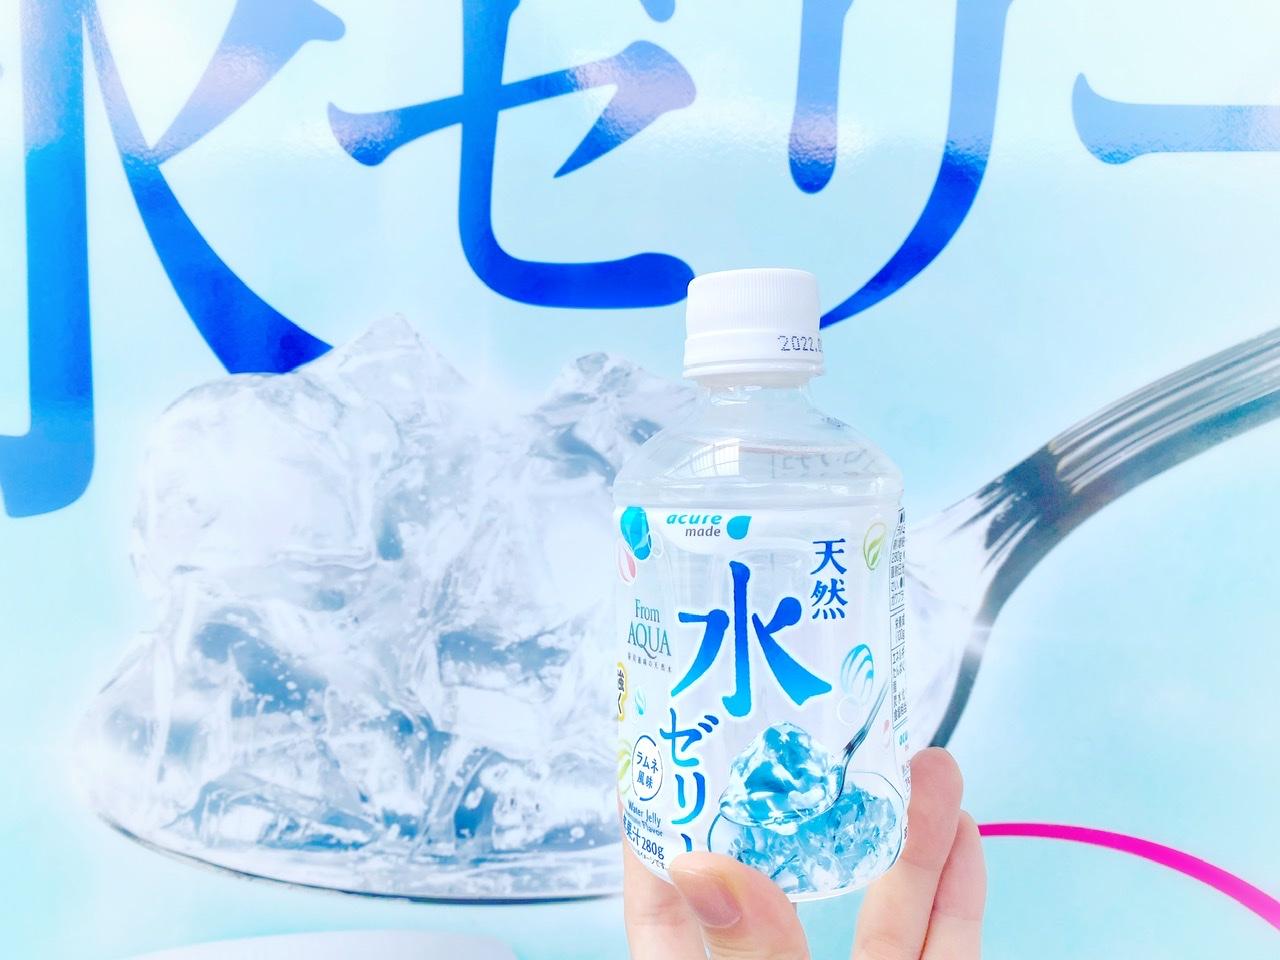 【JR東日本限定】自販機&通販で買える!「天然水ゼリー」がおすすめ♡_1